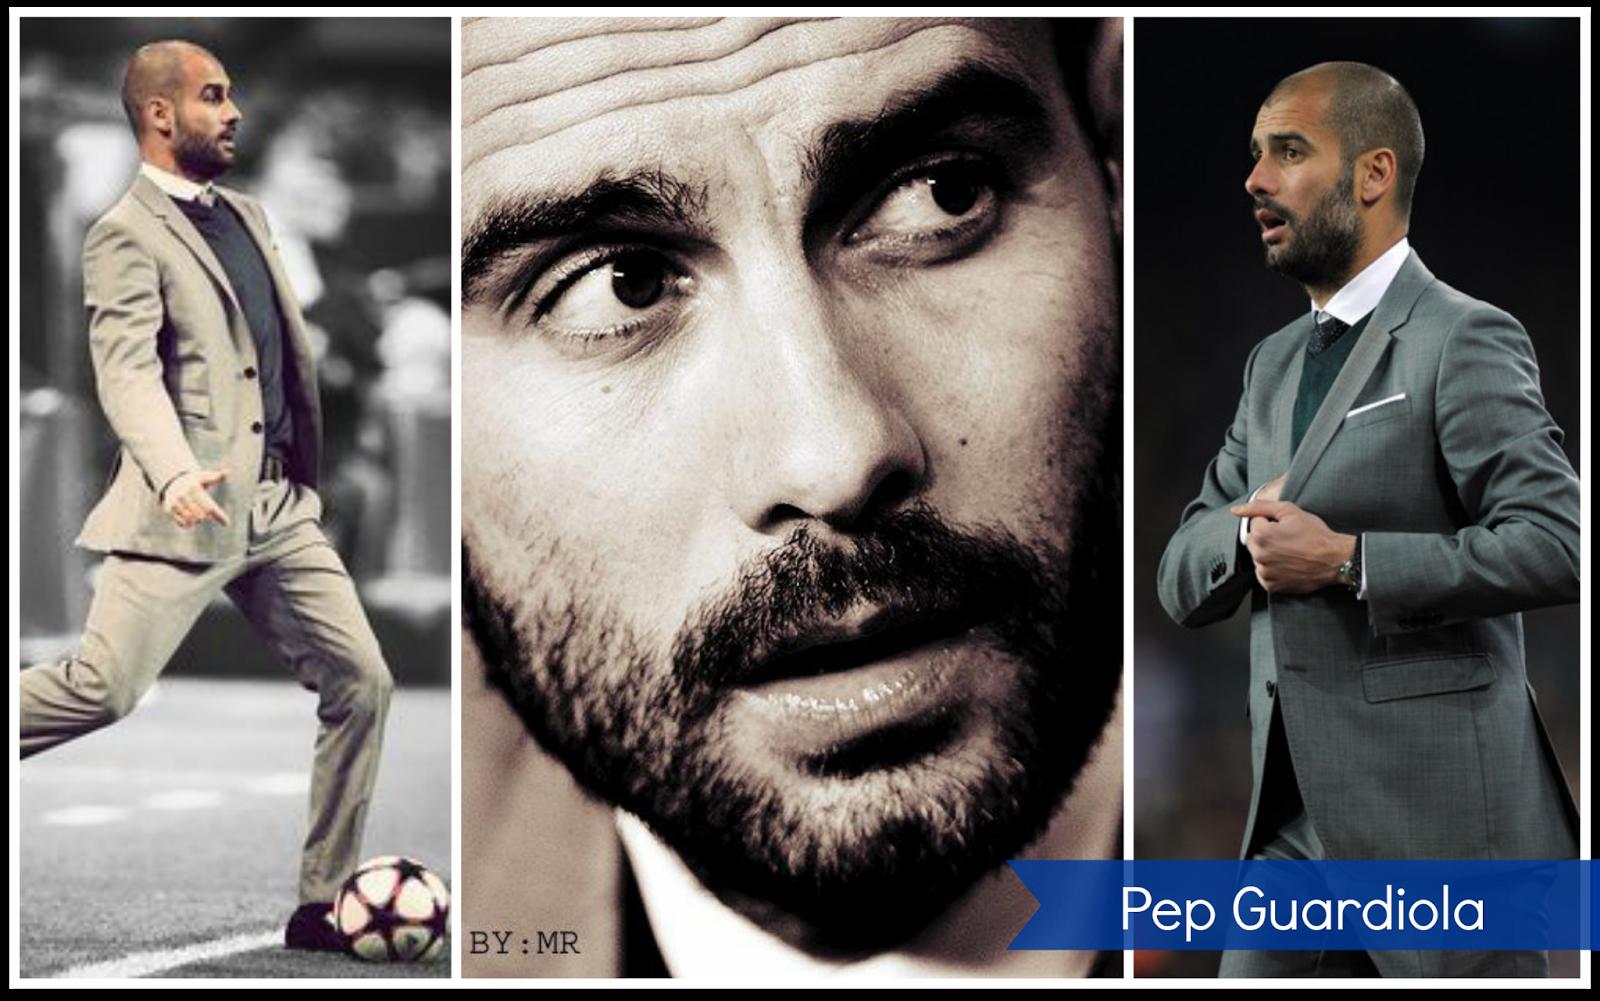 Pep Guardiola - pérdida de cabello